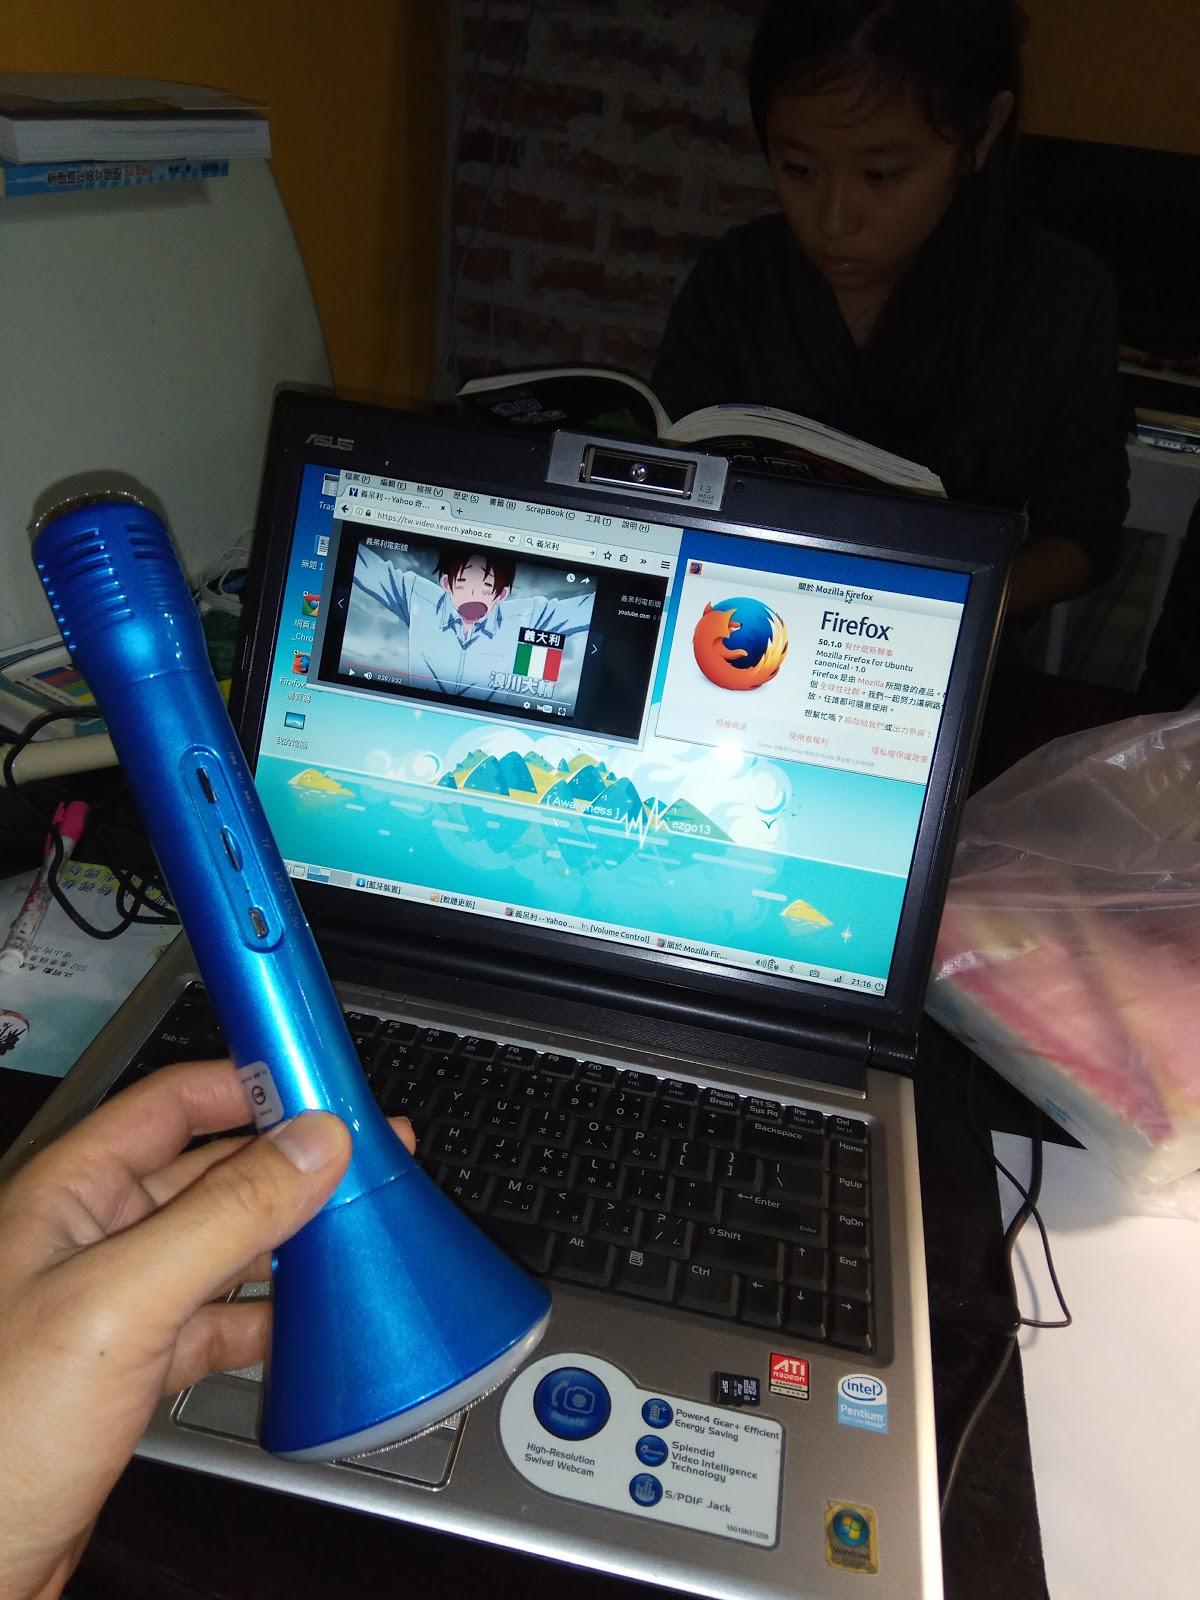 第1006回-自由的風-43- ezgo13 和藍牙喇叭